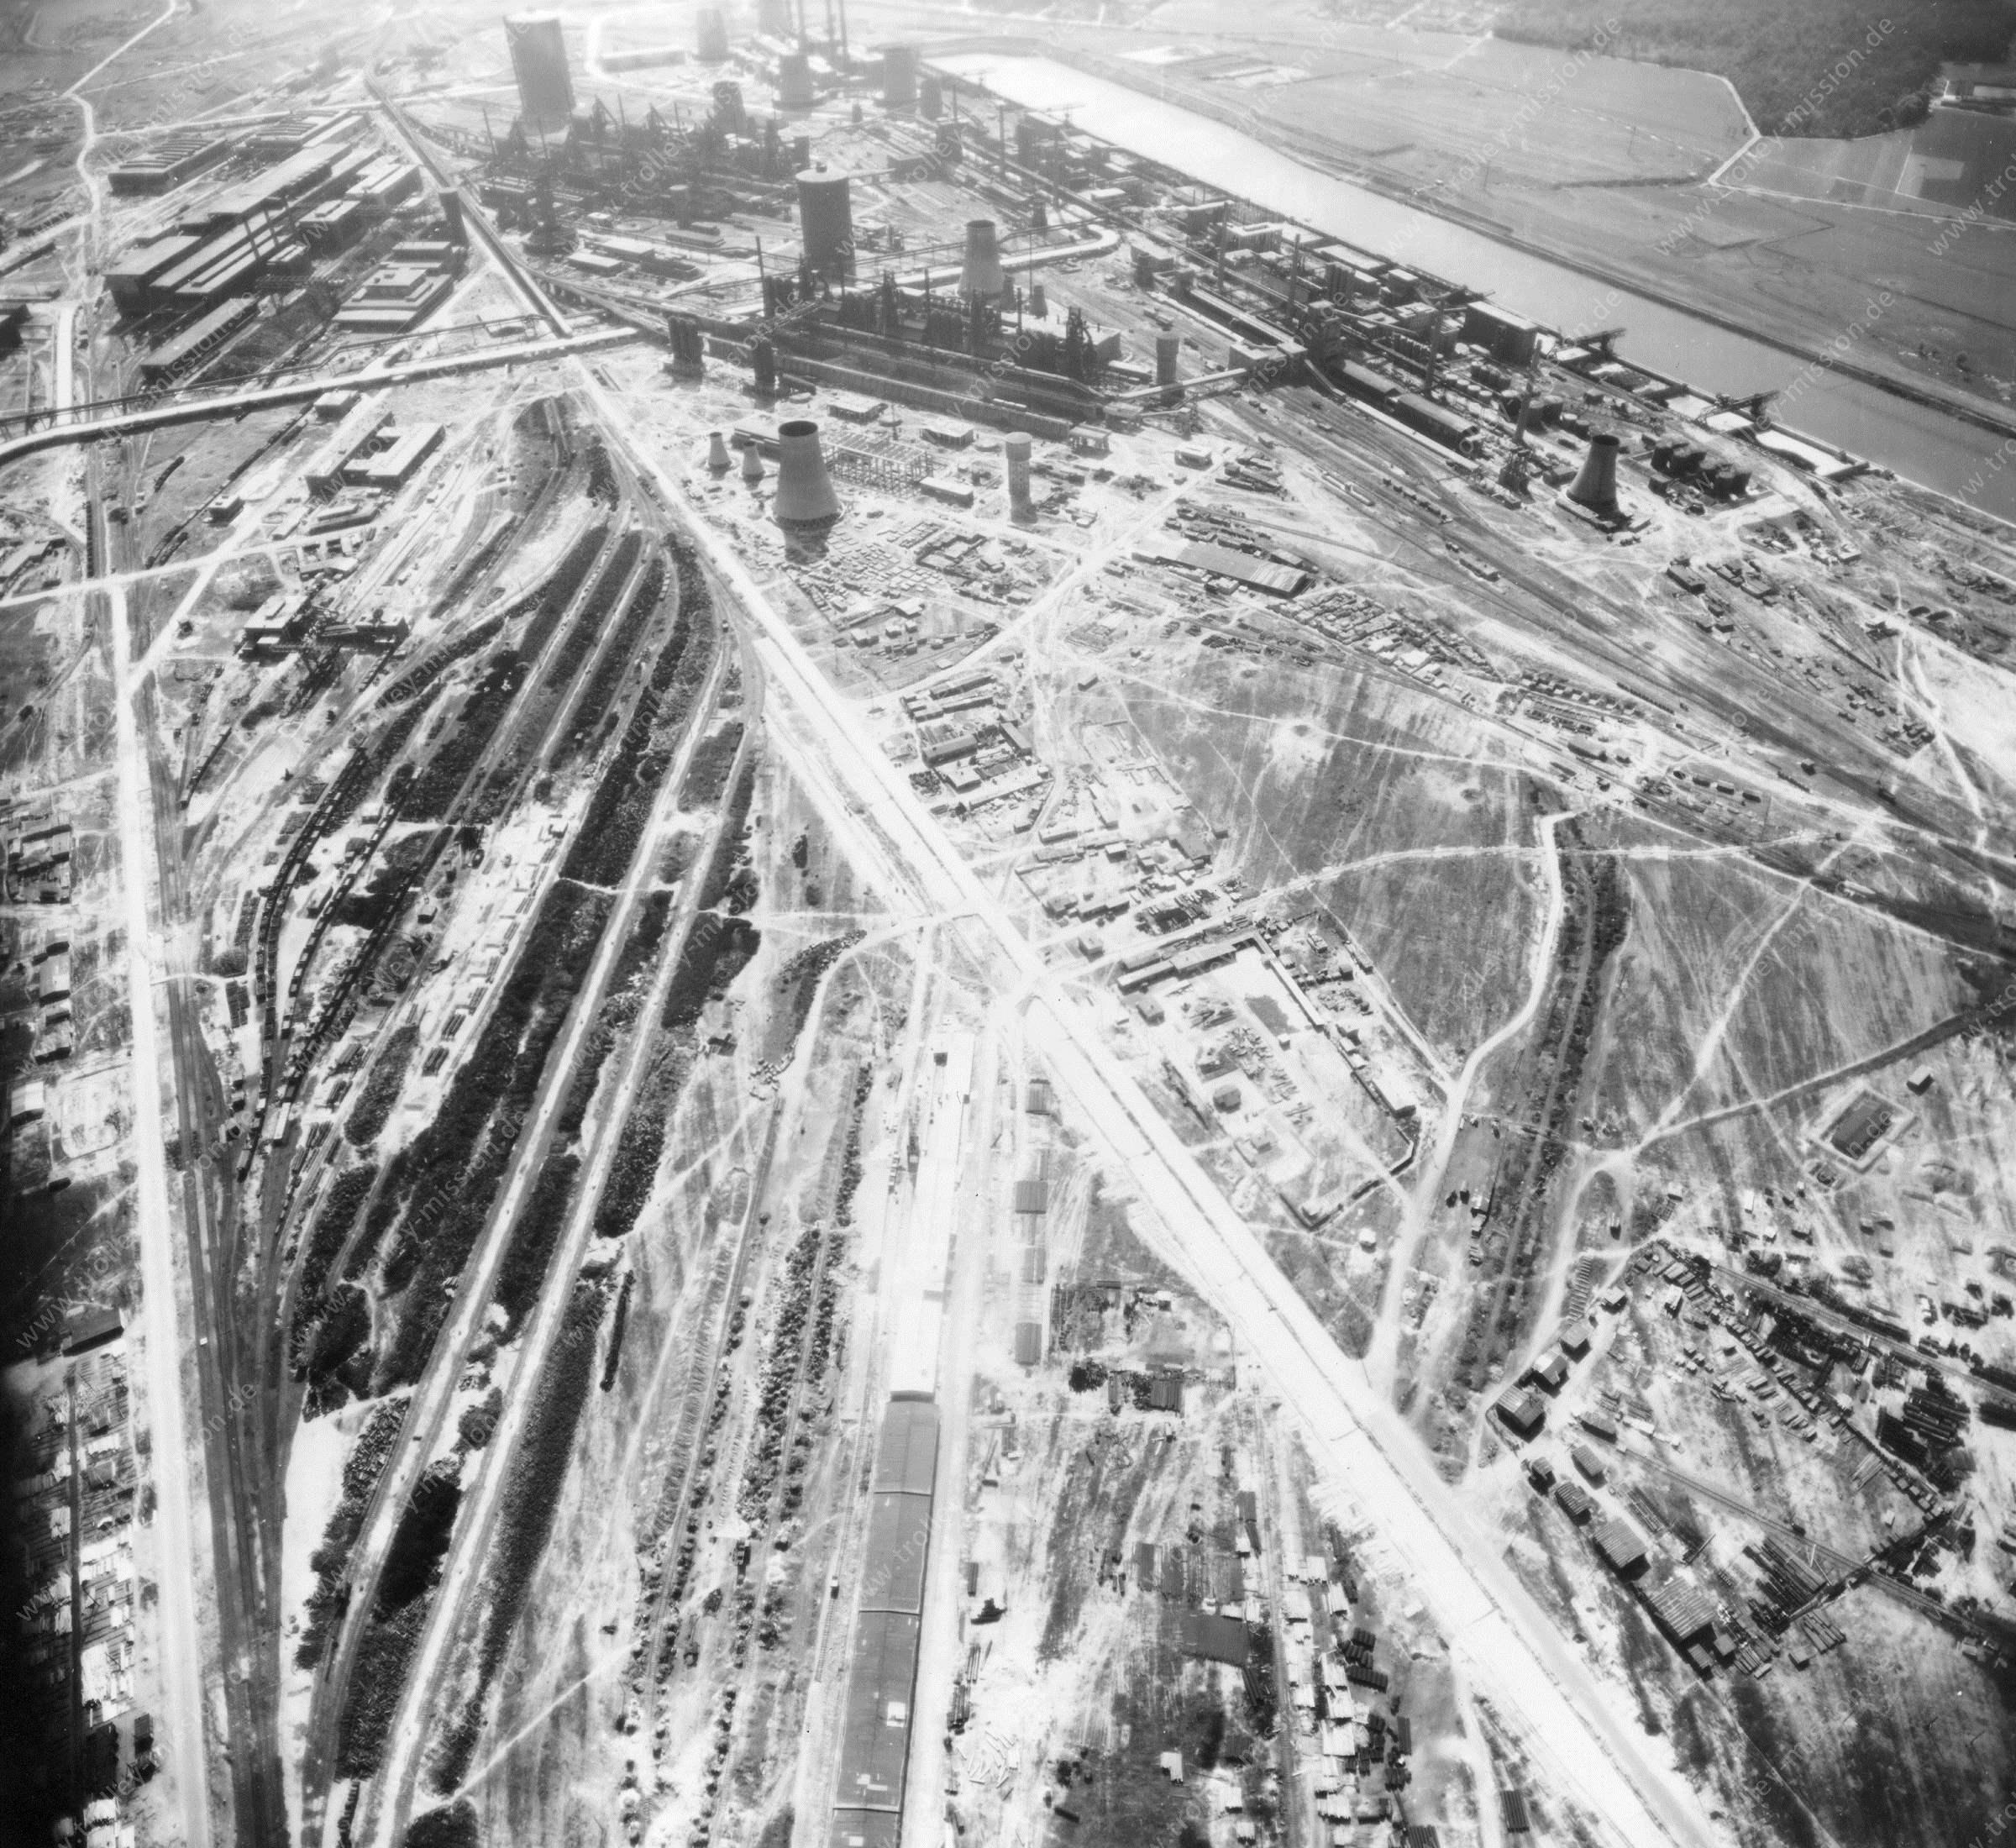 Luftbild der Hermann Göring Reichswerke AG für Erzbergbau und Eisenhütten in Salzgitter am 12. Mai 1945 - Luftbildserie 5/7 der US Luftwaffe